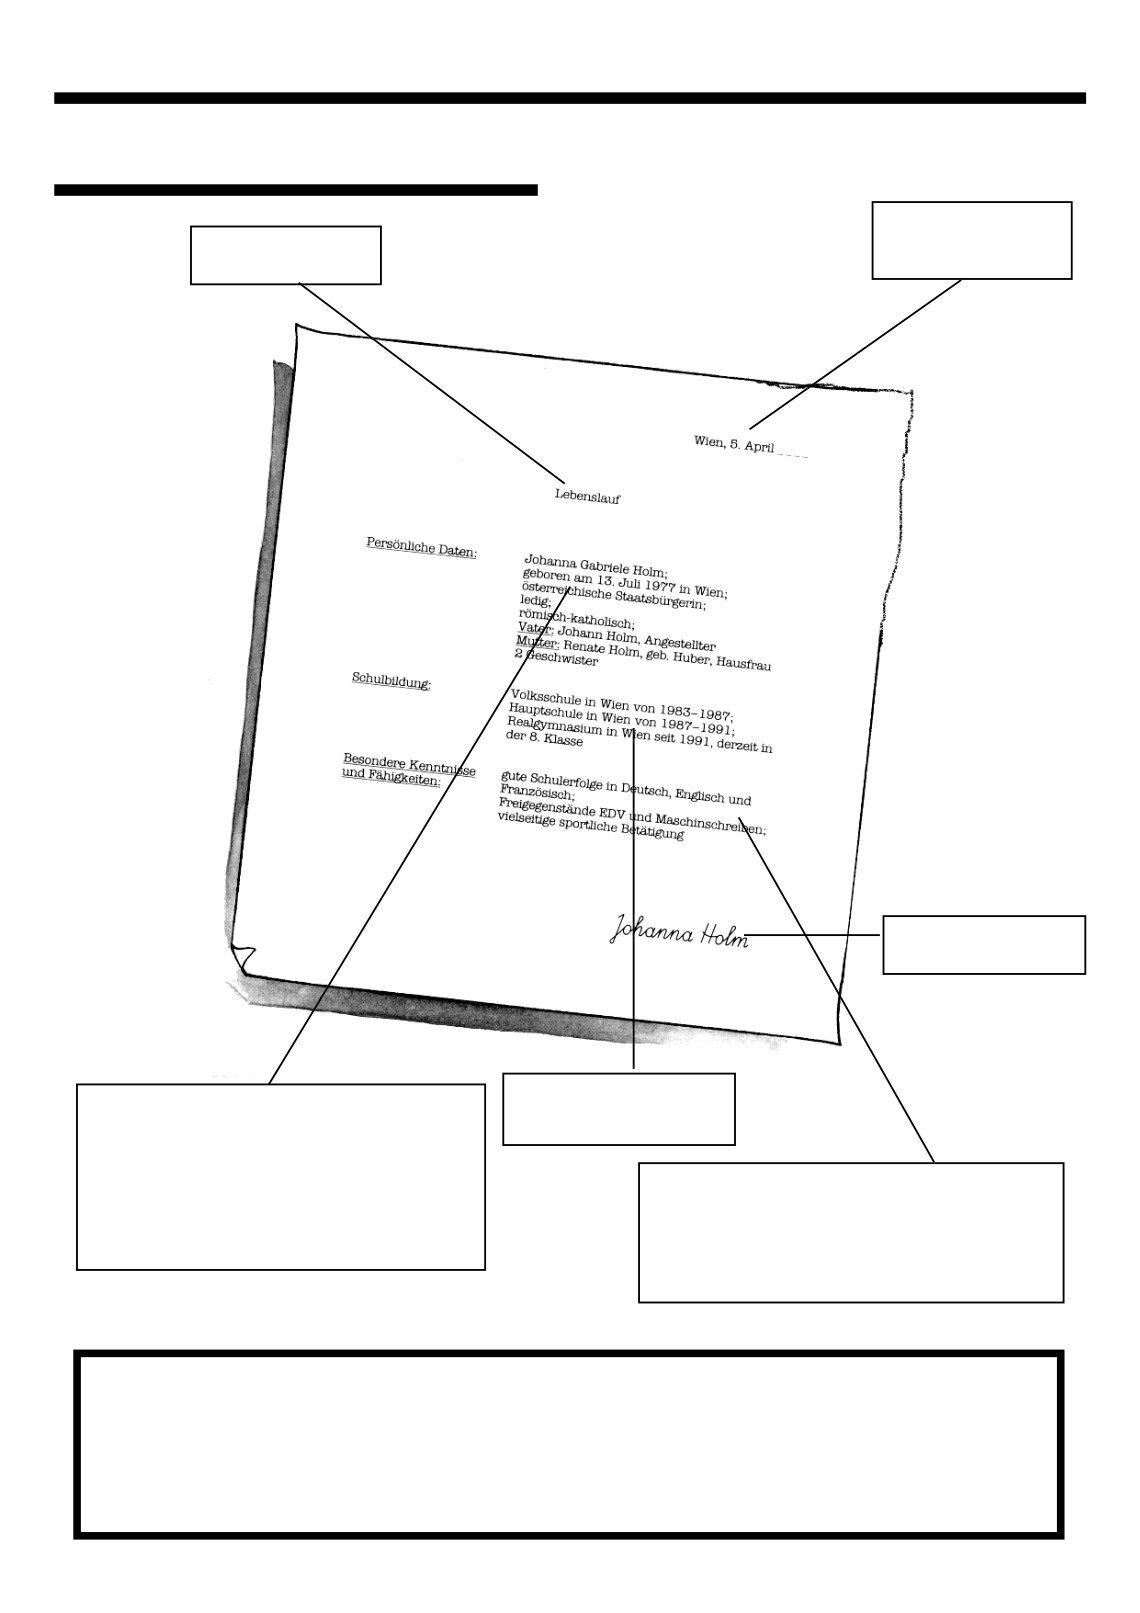 Berühmt Arbeitsblatt Für Den Lebenslauf Des Studenten Ideen - Entry ...